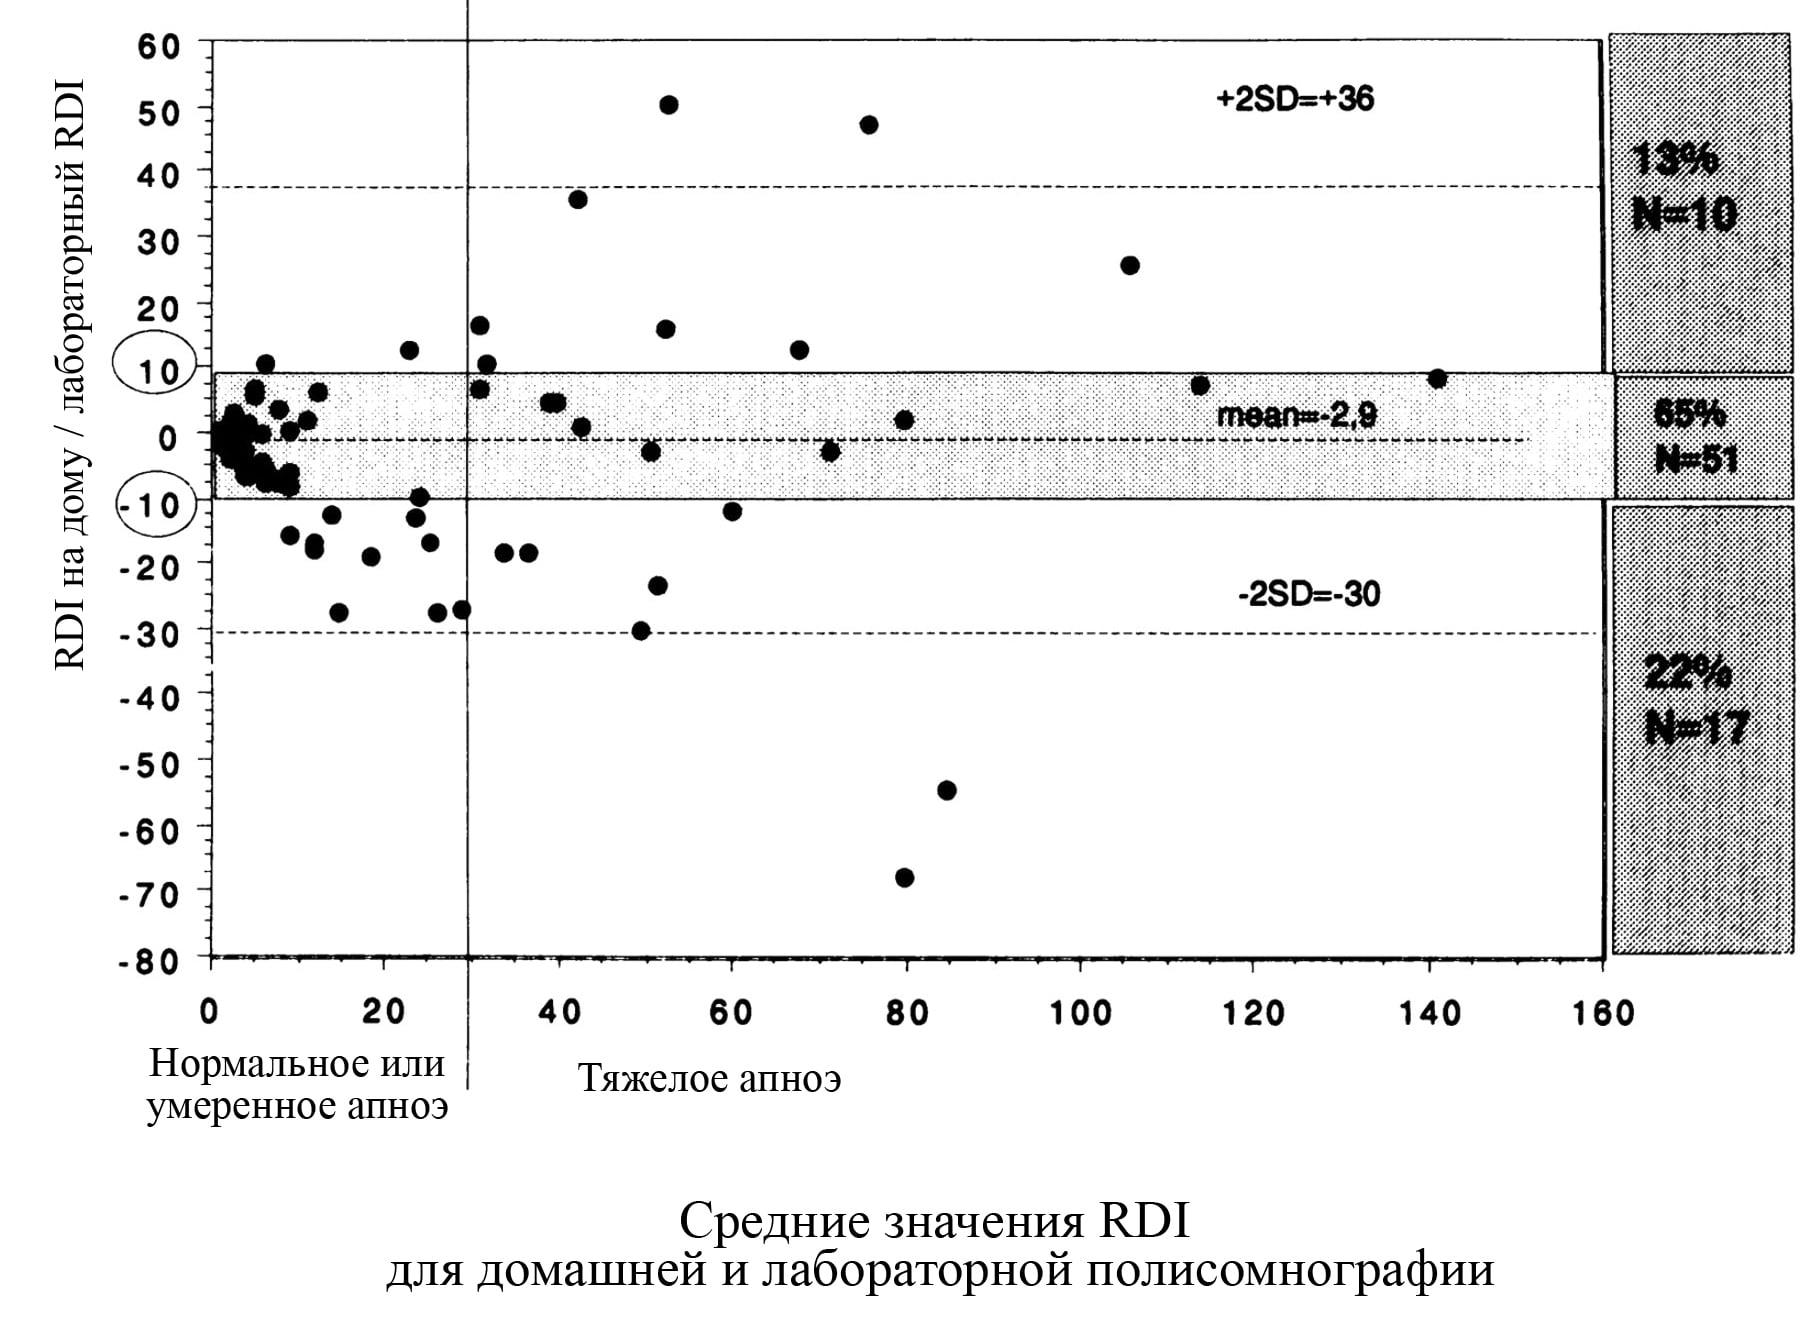 Рисунок 1. Сравнение индекса респираторных нарушений (RDI), измеренных дома (ДомПСГ RDI) и в лаборатории (Лаб RDI).